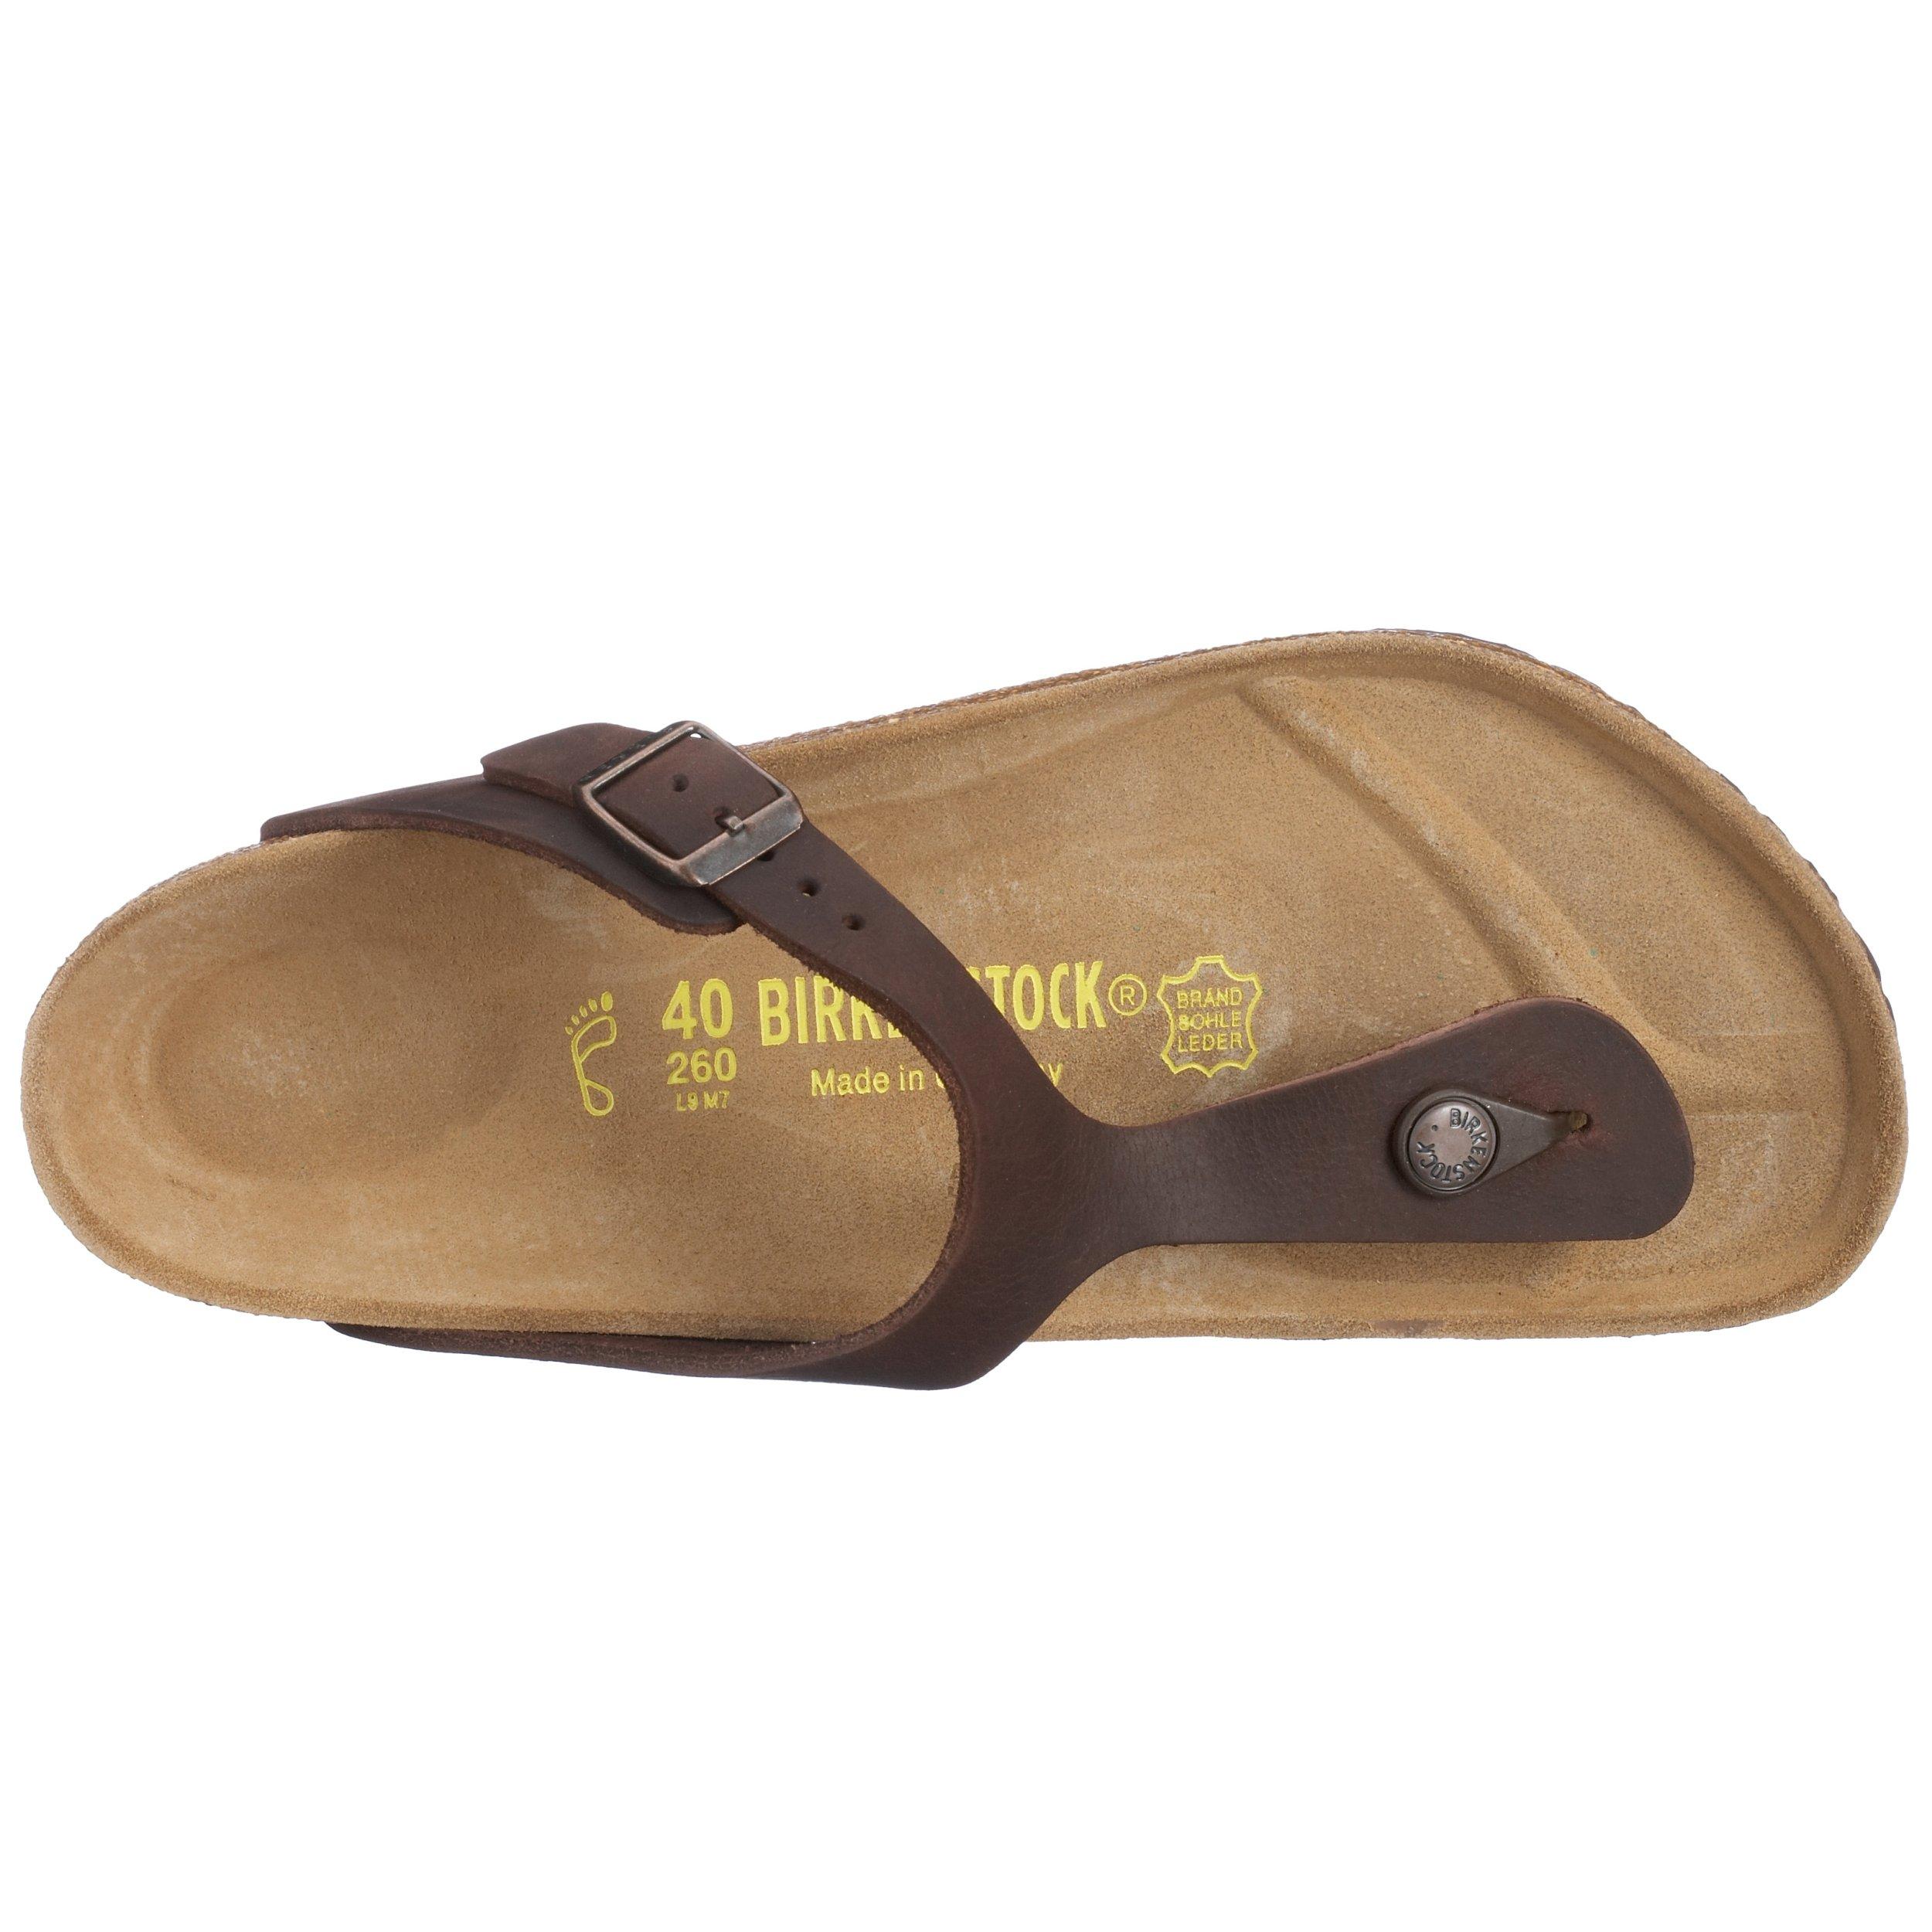 Birkenstock-Women-039-s-Gizeh-Thong-Sandals thumbnail 14